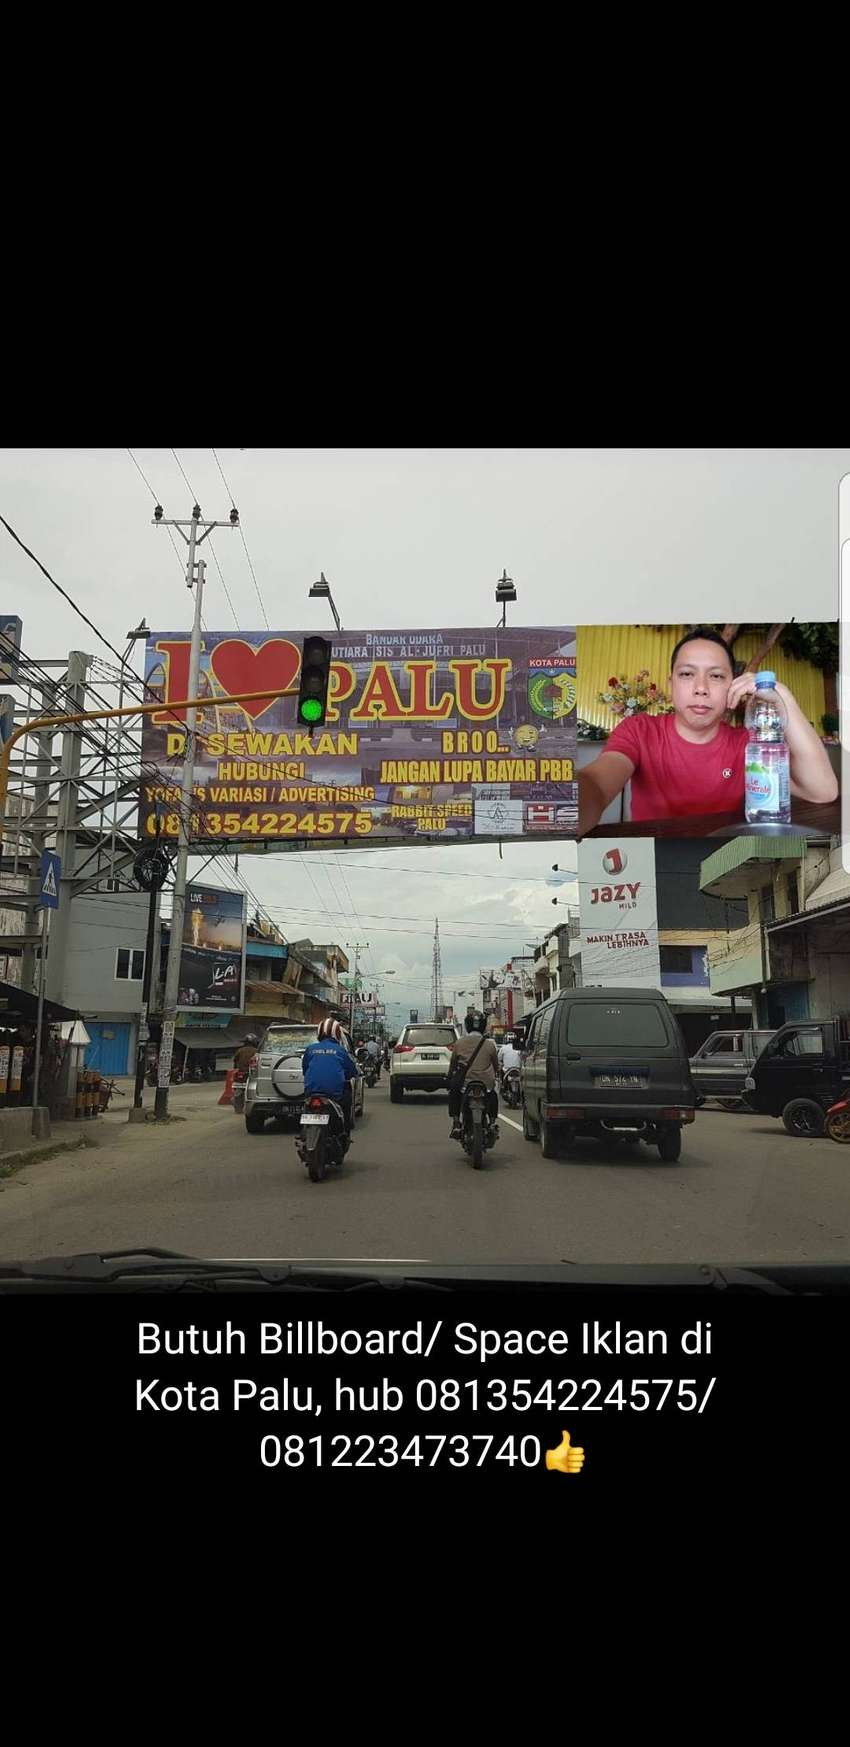 Menyewakan space iklan billboard 0